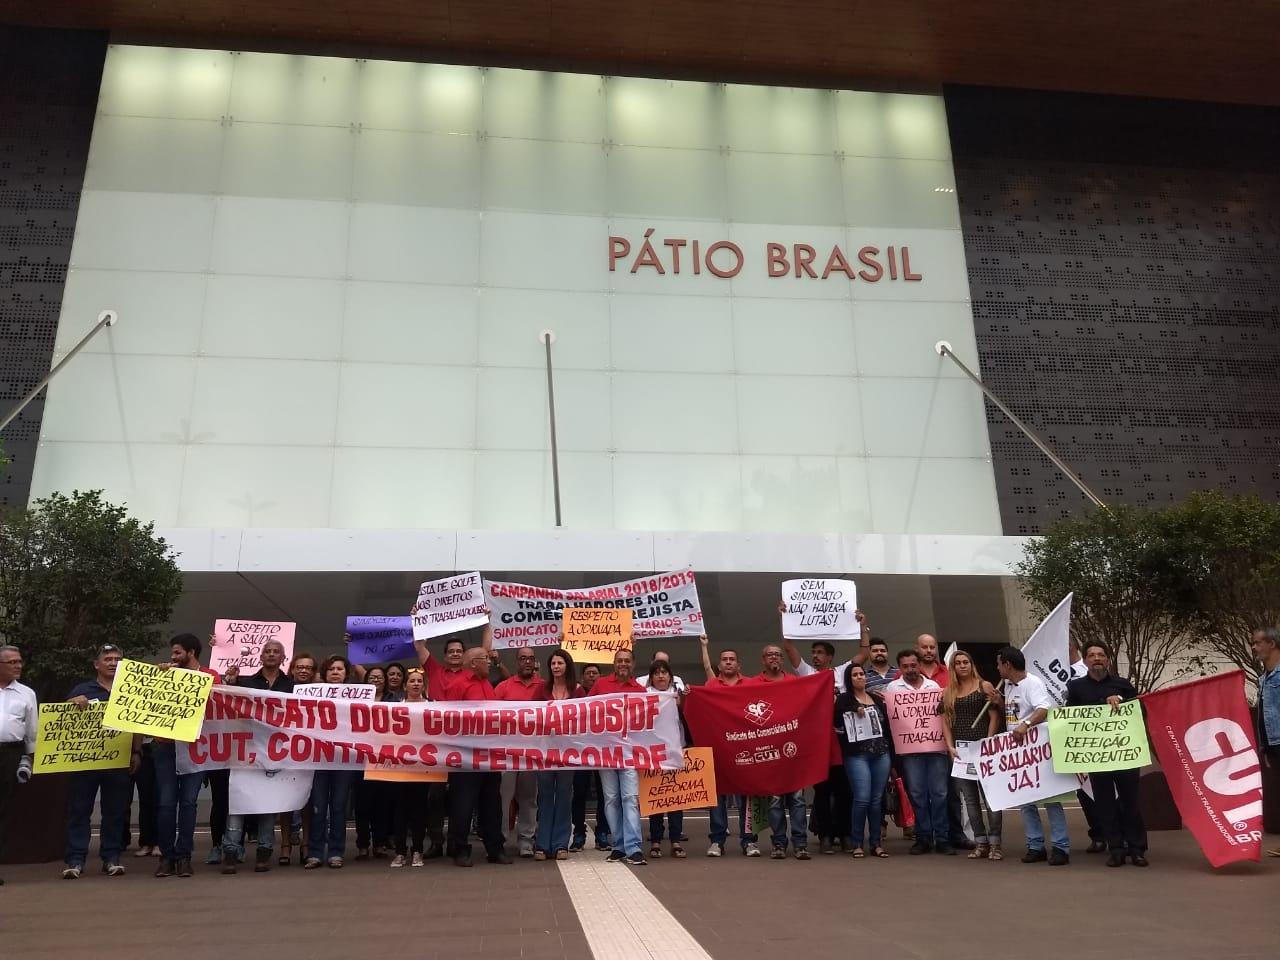 Trabalhadores em shopping manifestam contra a retirada de direitos no Pátio Brasil